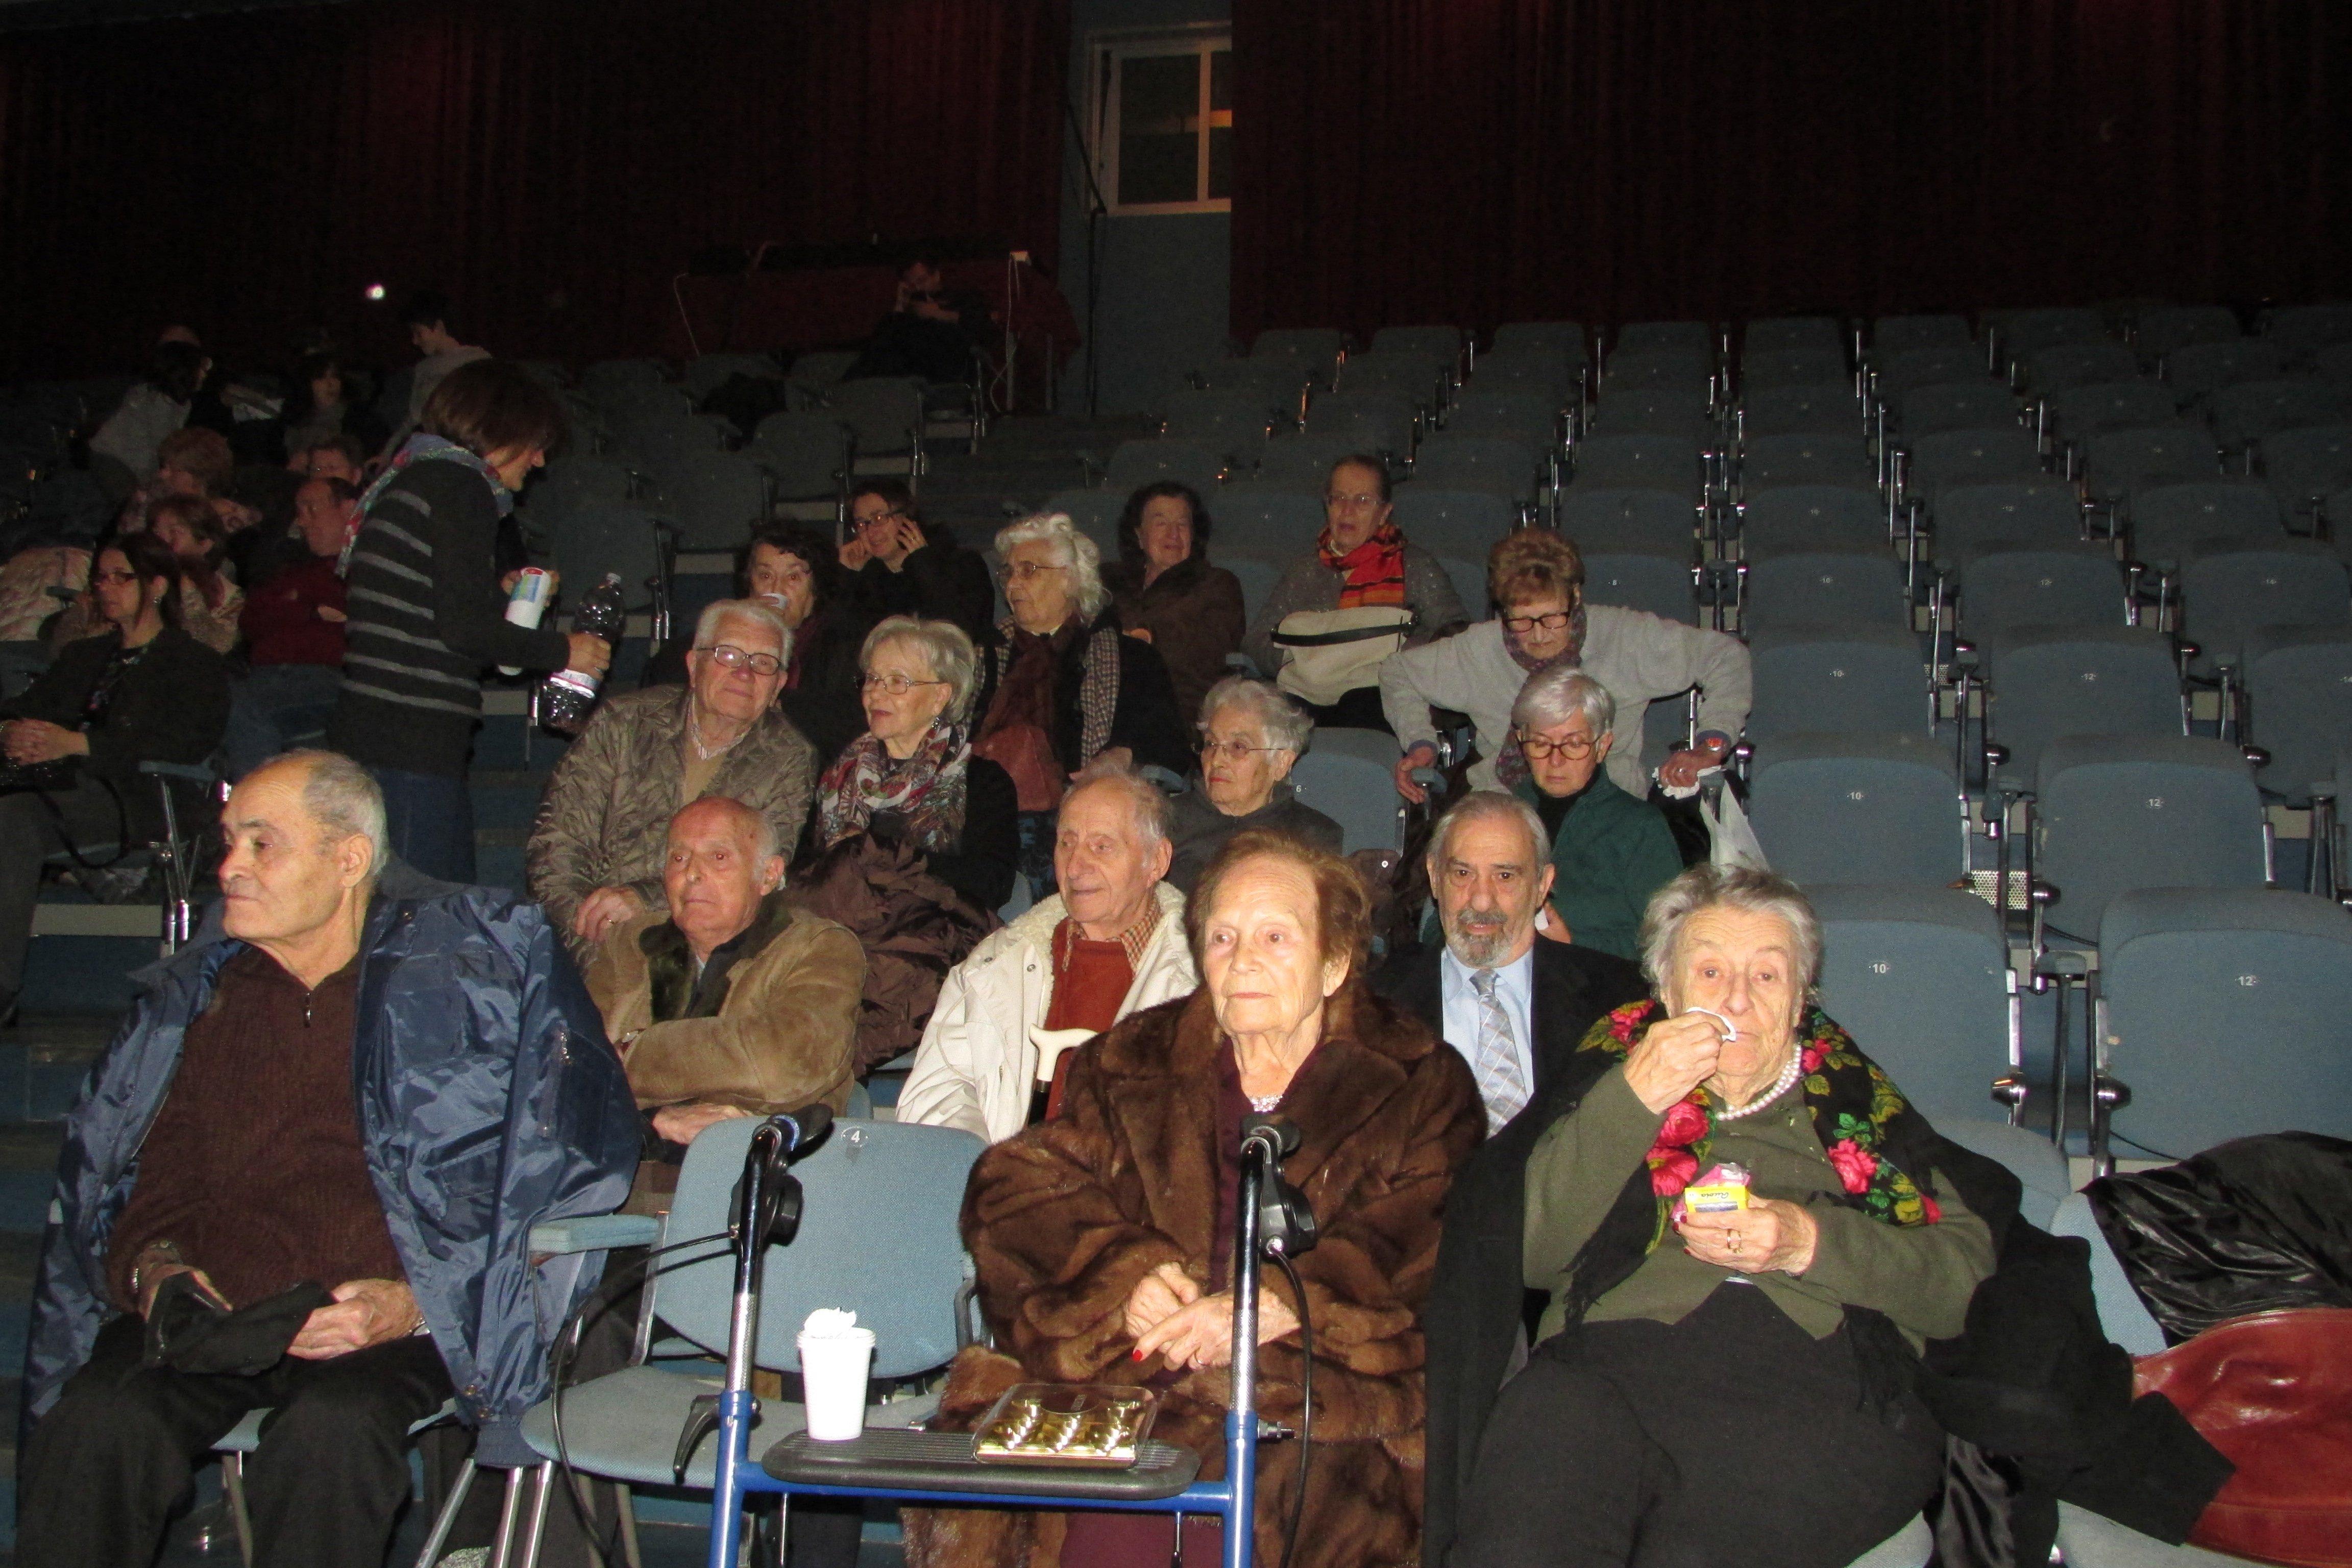 gruppo di persone sedute ad uno spettacolo